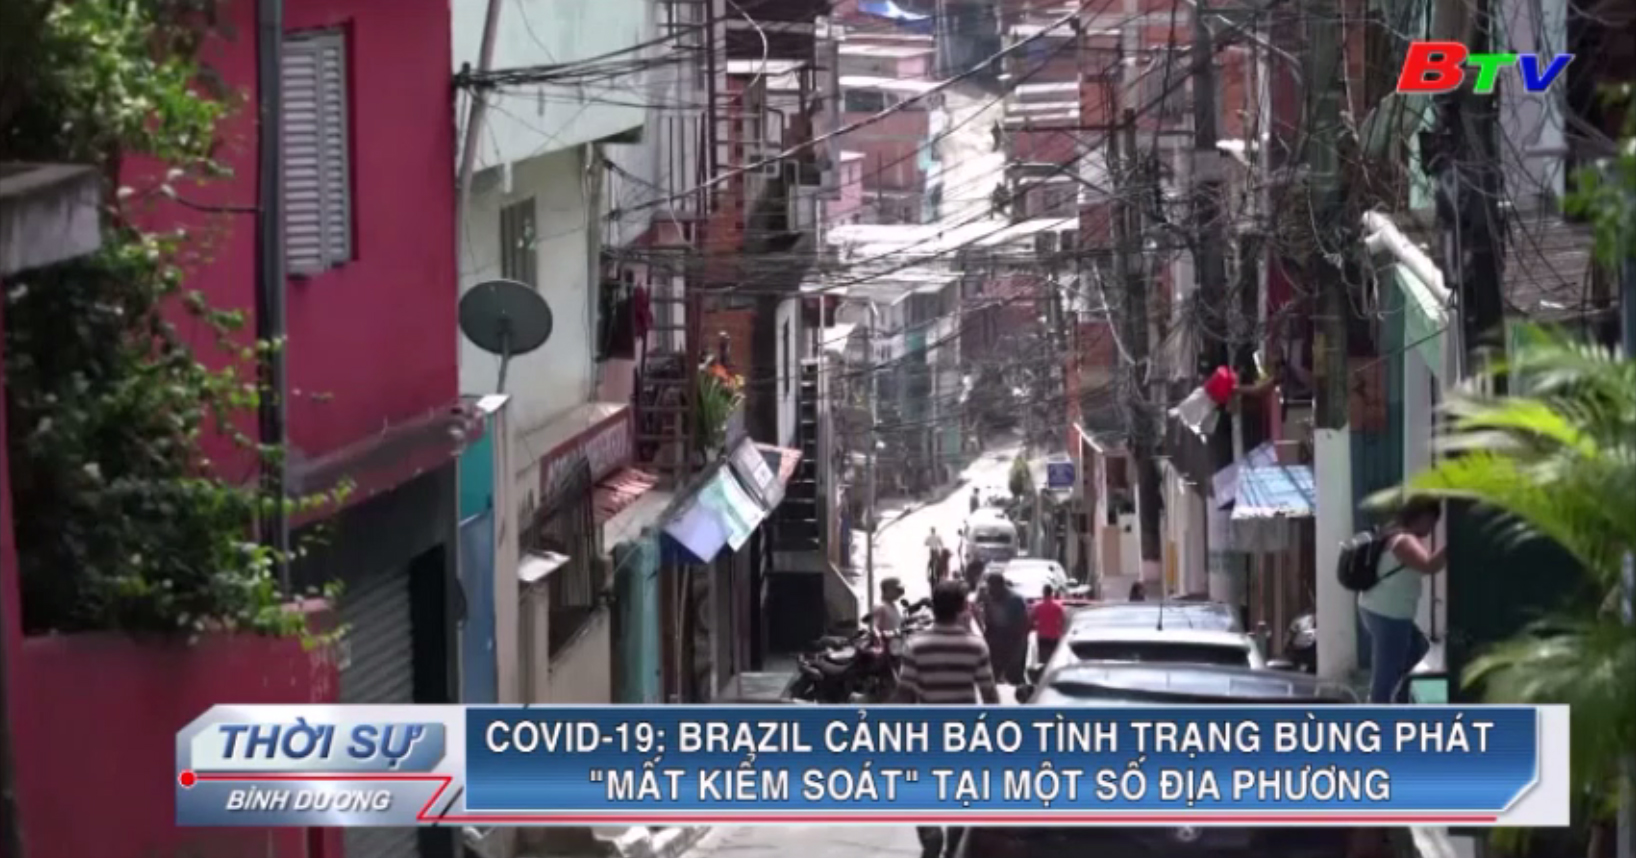 """Covid-19 – Brazil cảnh báo tình trạng bùng phát """"mất kiểm soát"""" tại một số địa phương"""